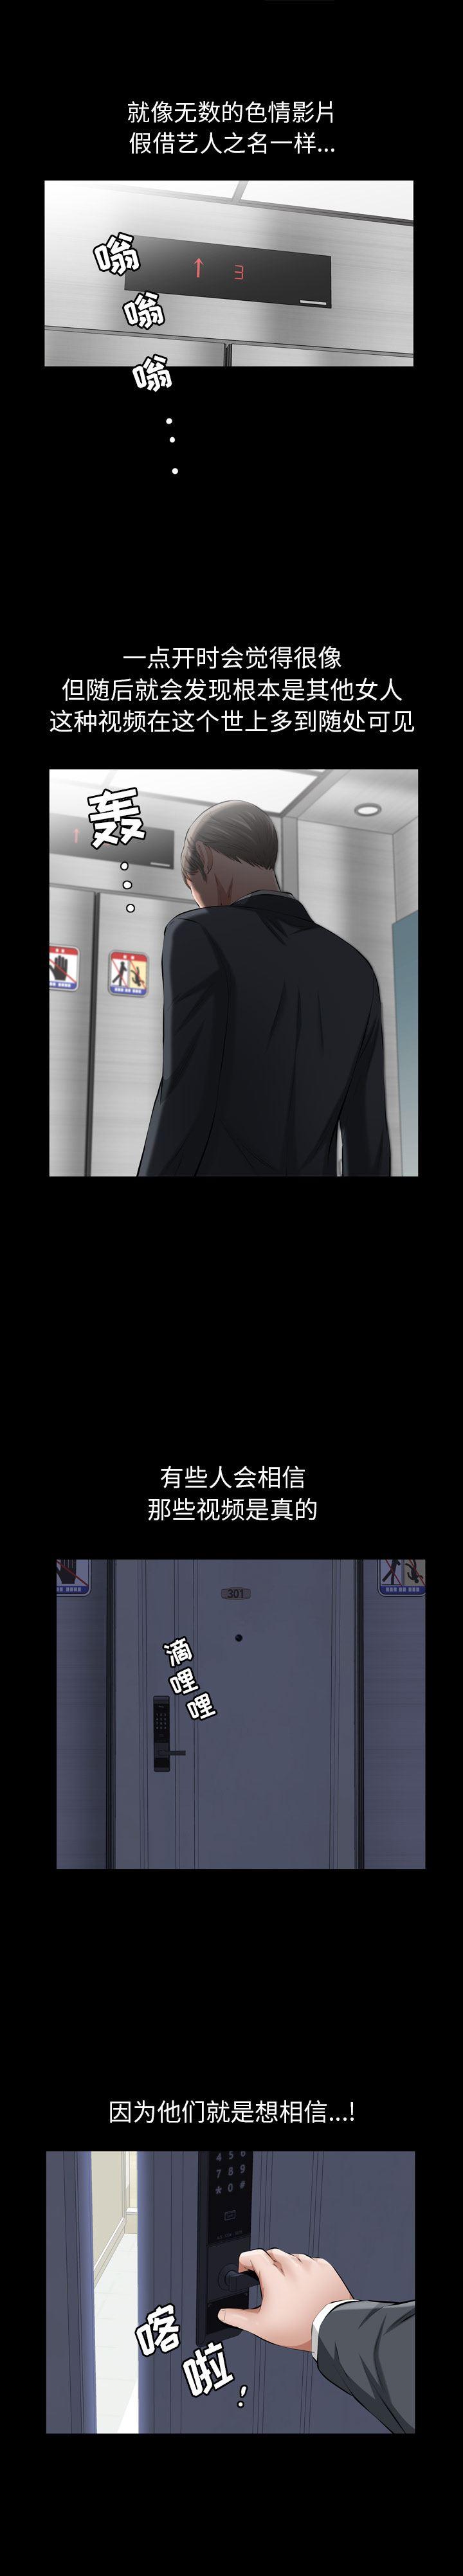 他的她-他的她:11全彩韩漫标签